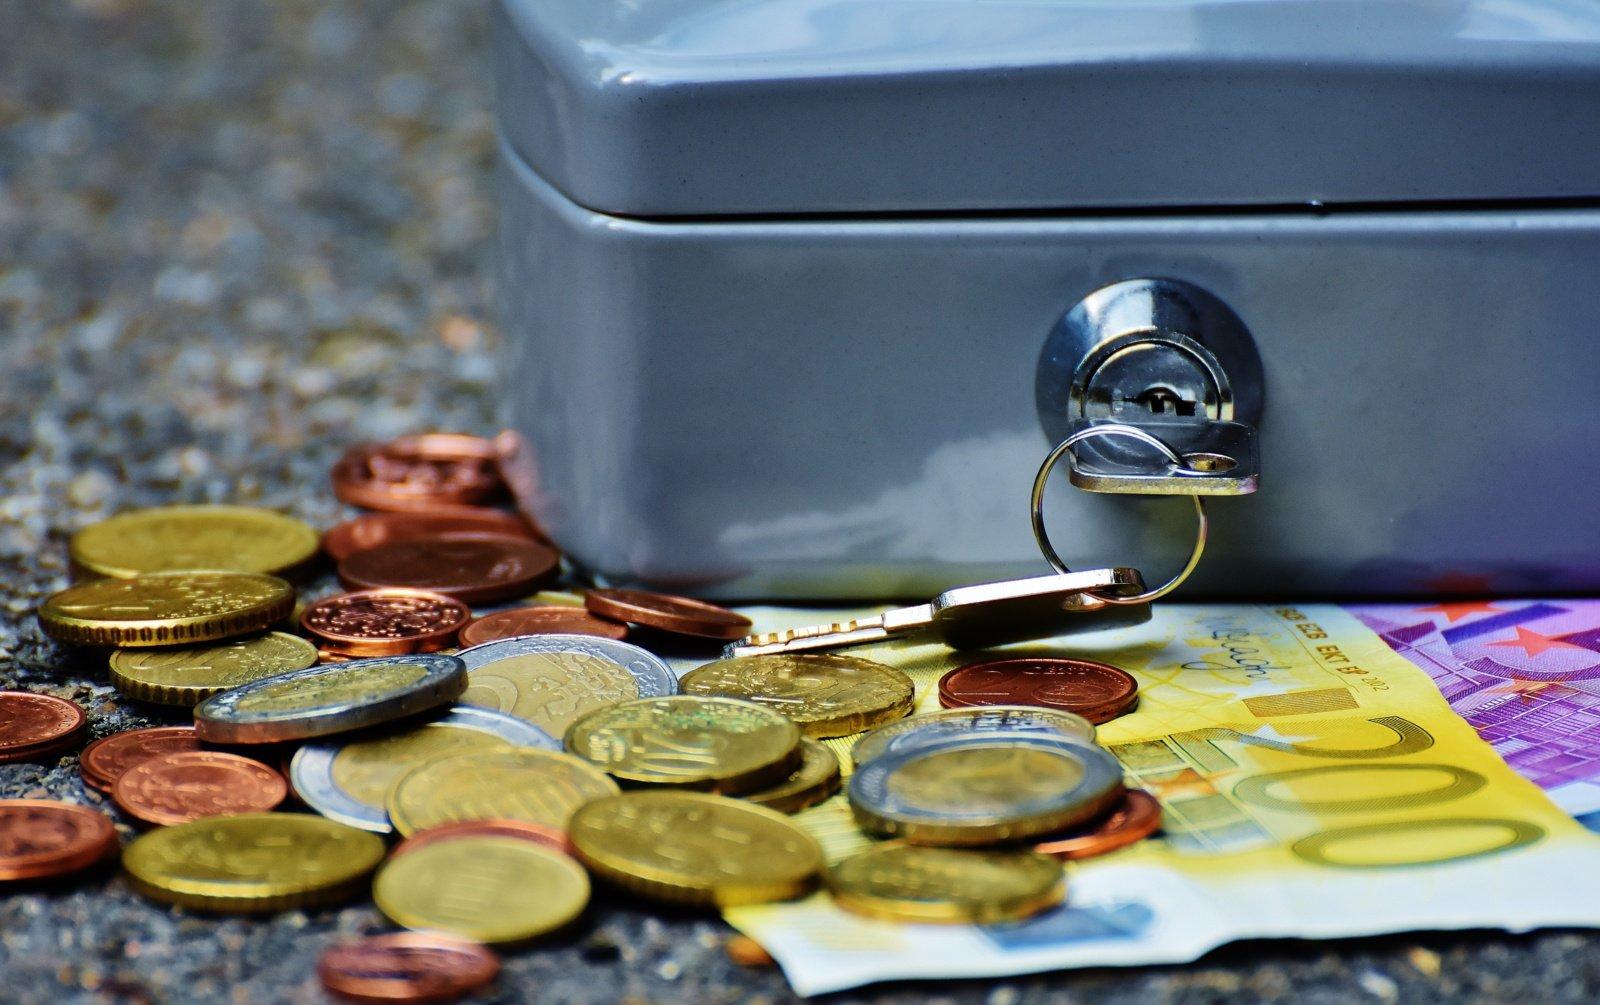 Pandemija išmokė taupyti:  kaip elgtis su santaupomis?